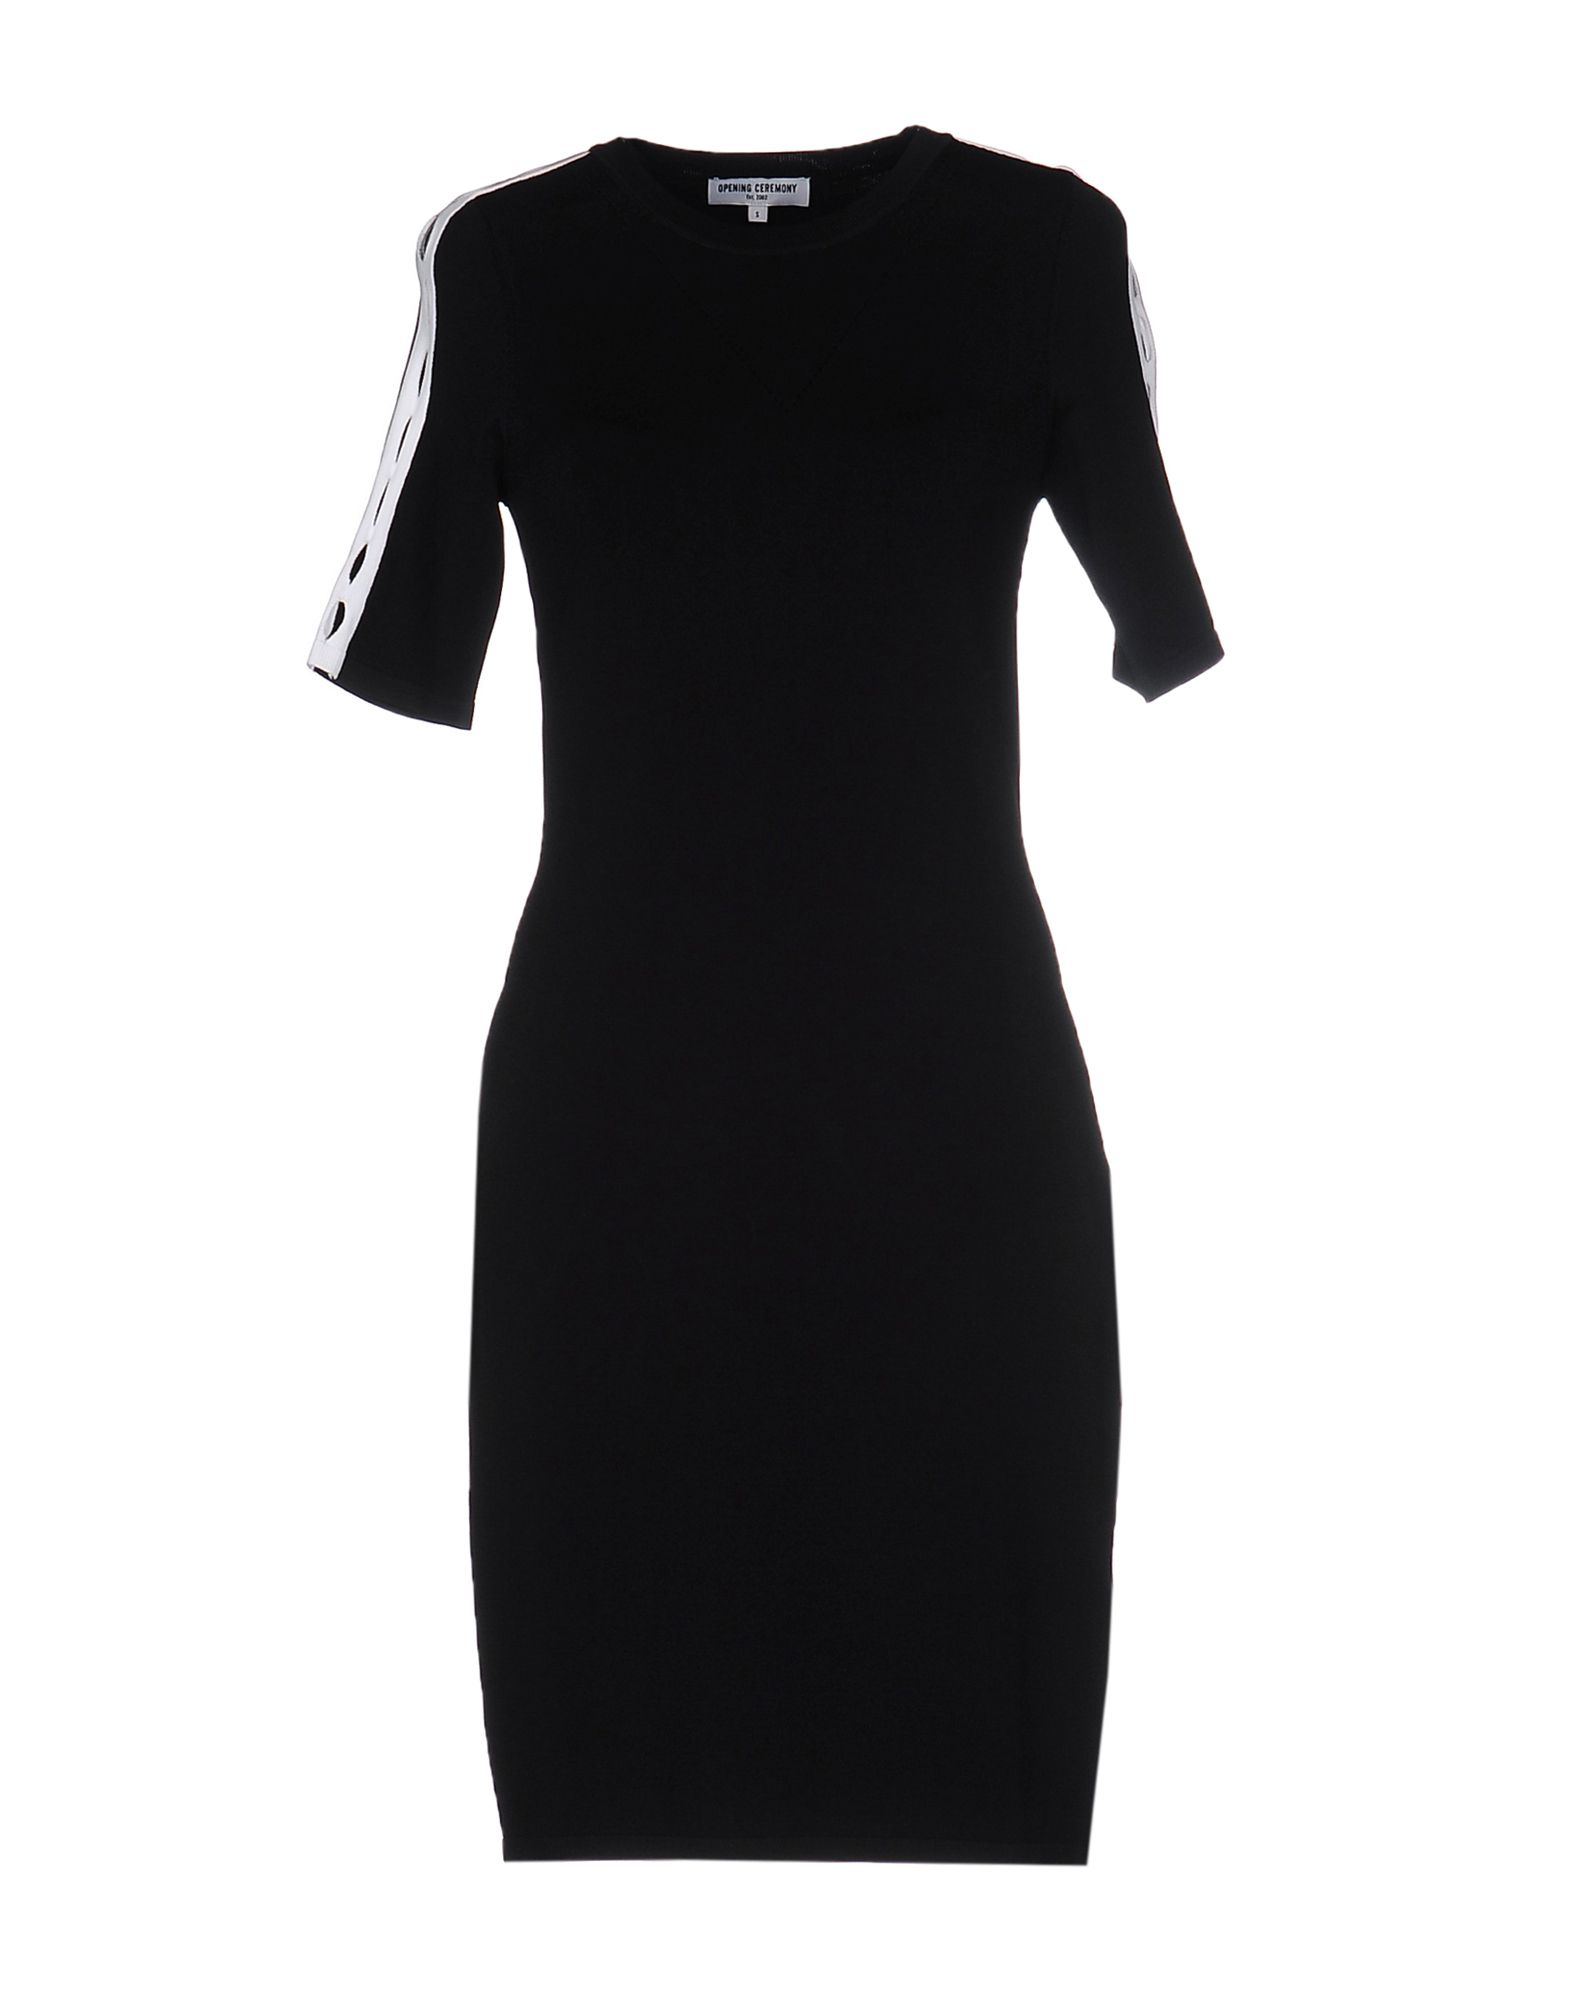 OPENING CEREMONY Damen Kurzes Kleid Farbe Schwarz Größe 5